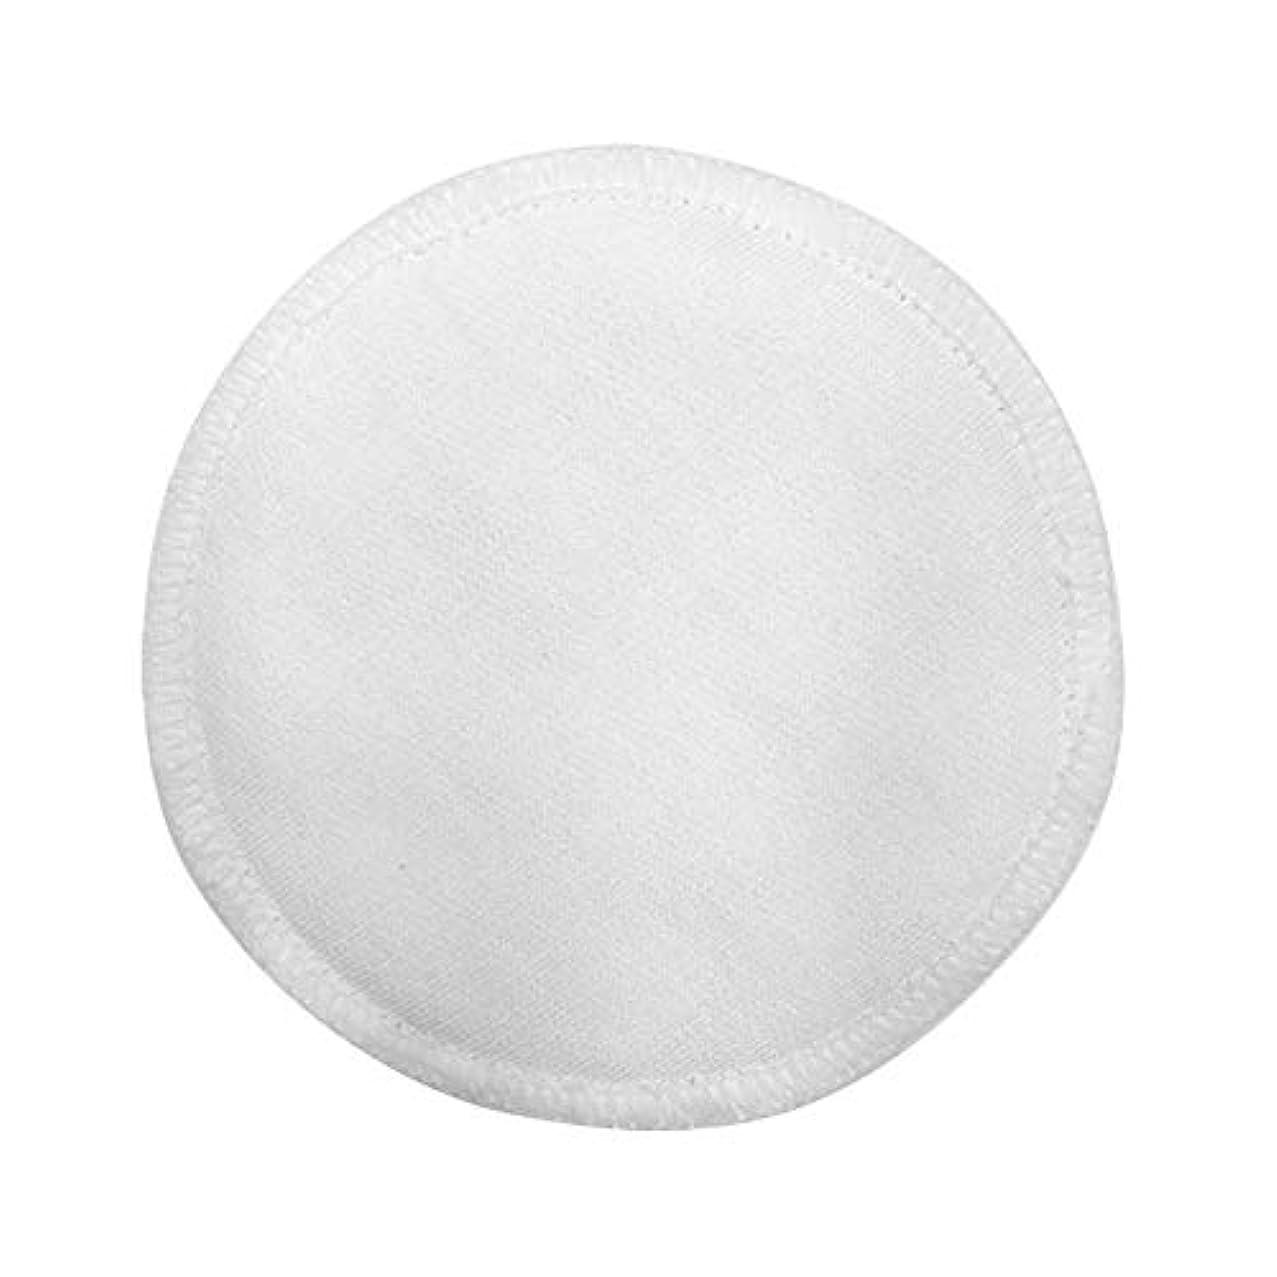 アラバマ平和的個人メイク落としパッド 低刺激性 吸水性 柔らかい 耐久性 再利用可能 軽量 ポータブル 使いやすい メッシュバッグ付き 16個 クレンジングパッド 洗顔 お手入れが簡単